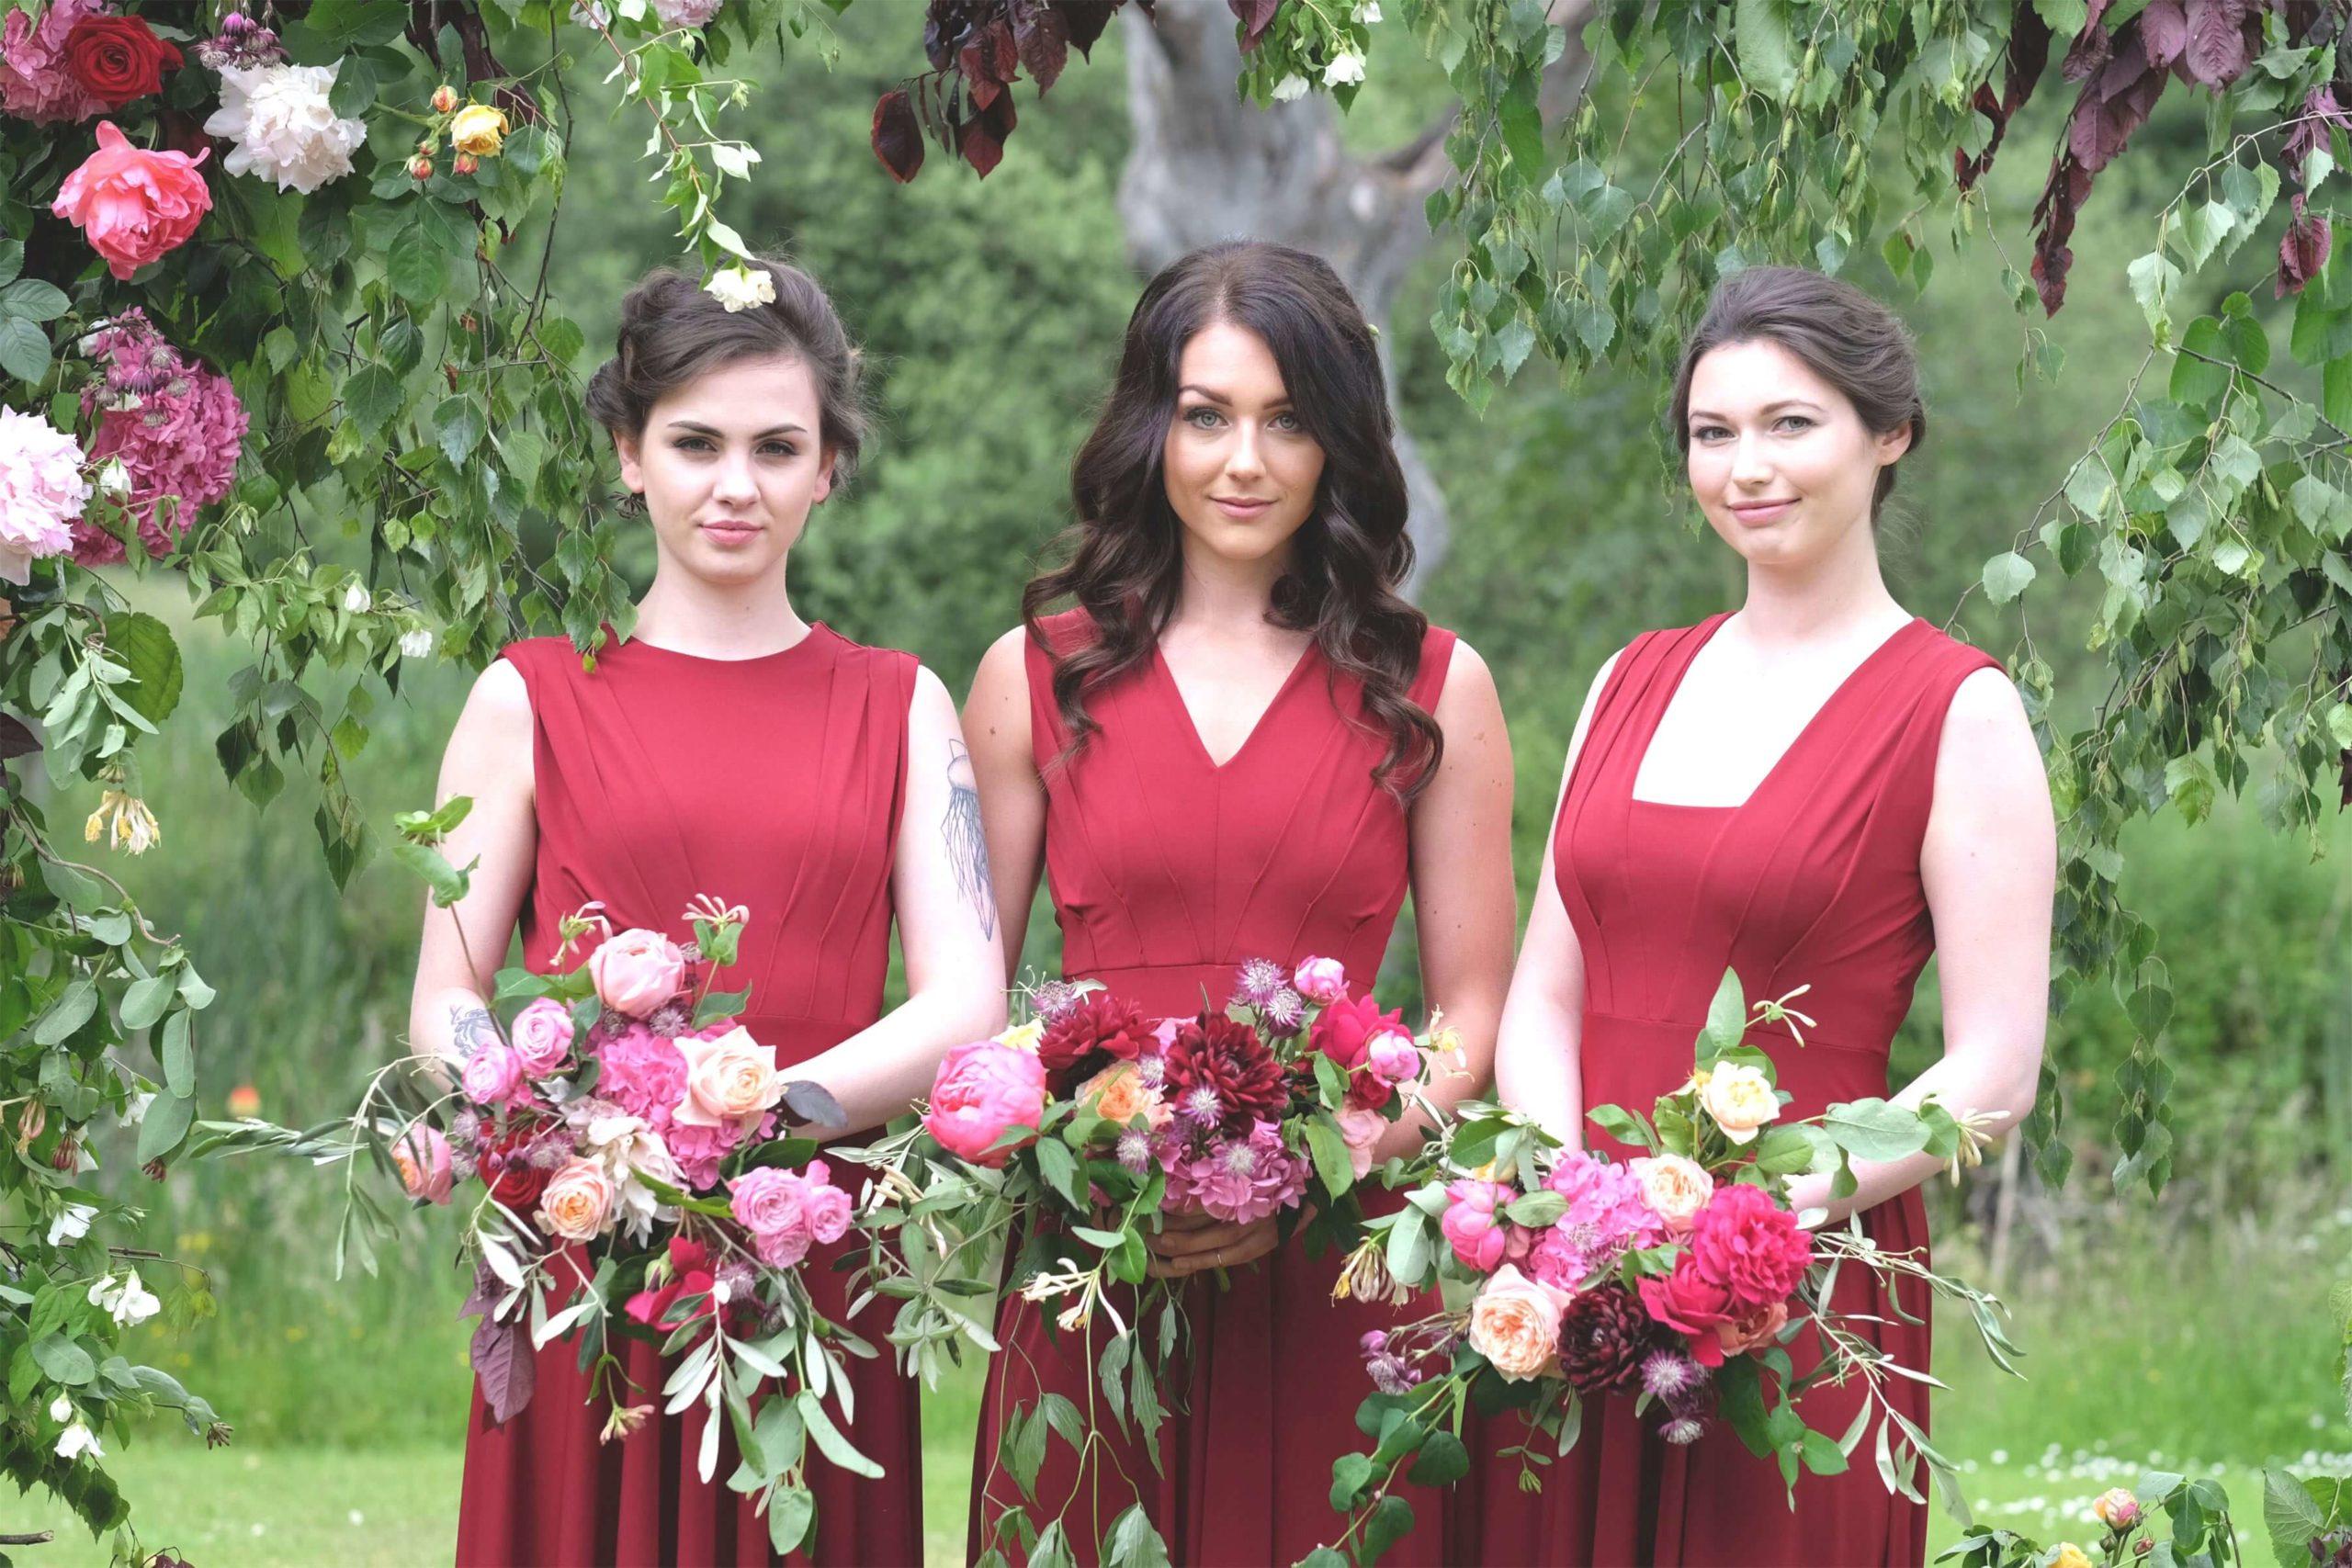 Rose, Claret & Blackberries 3